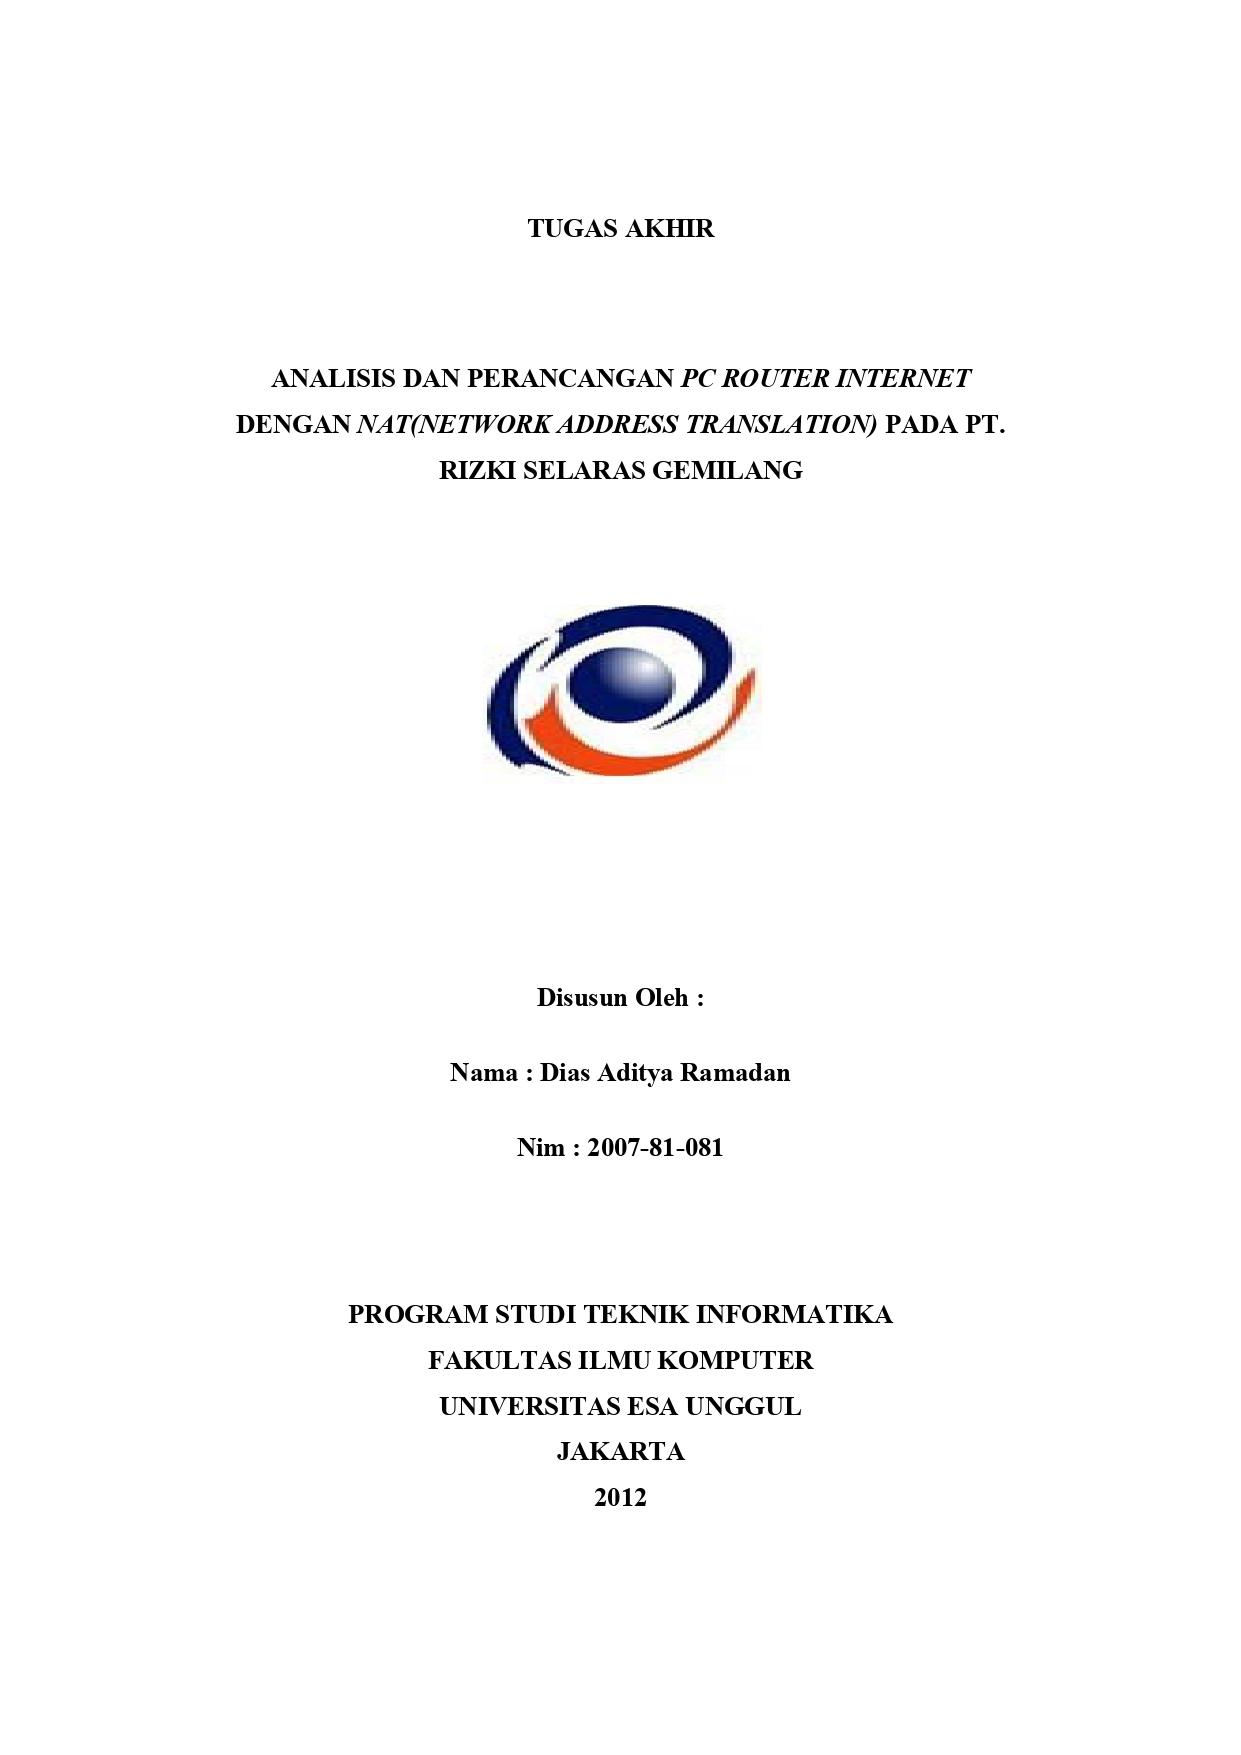 Analisis dan Perancangan PC Router Internet dengan Nat(Network Address Translation) pada PT. Rizki Selaras Gemilang